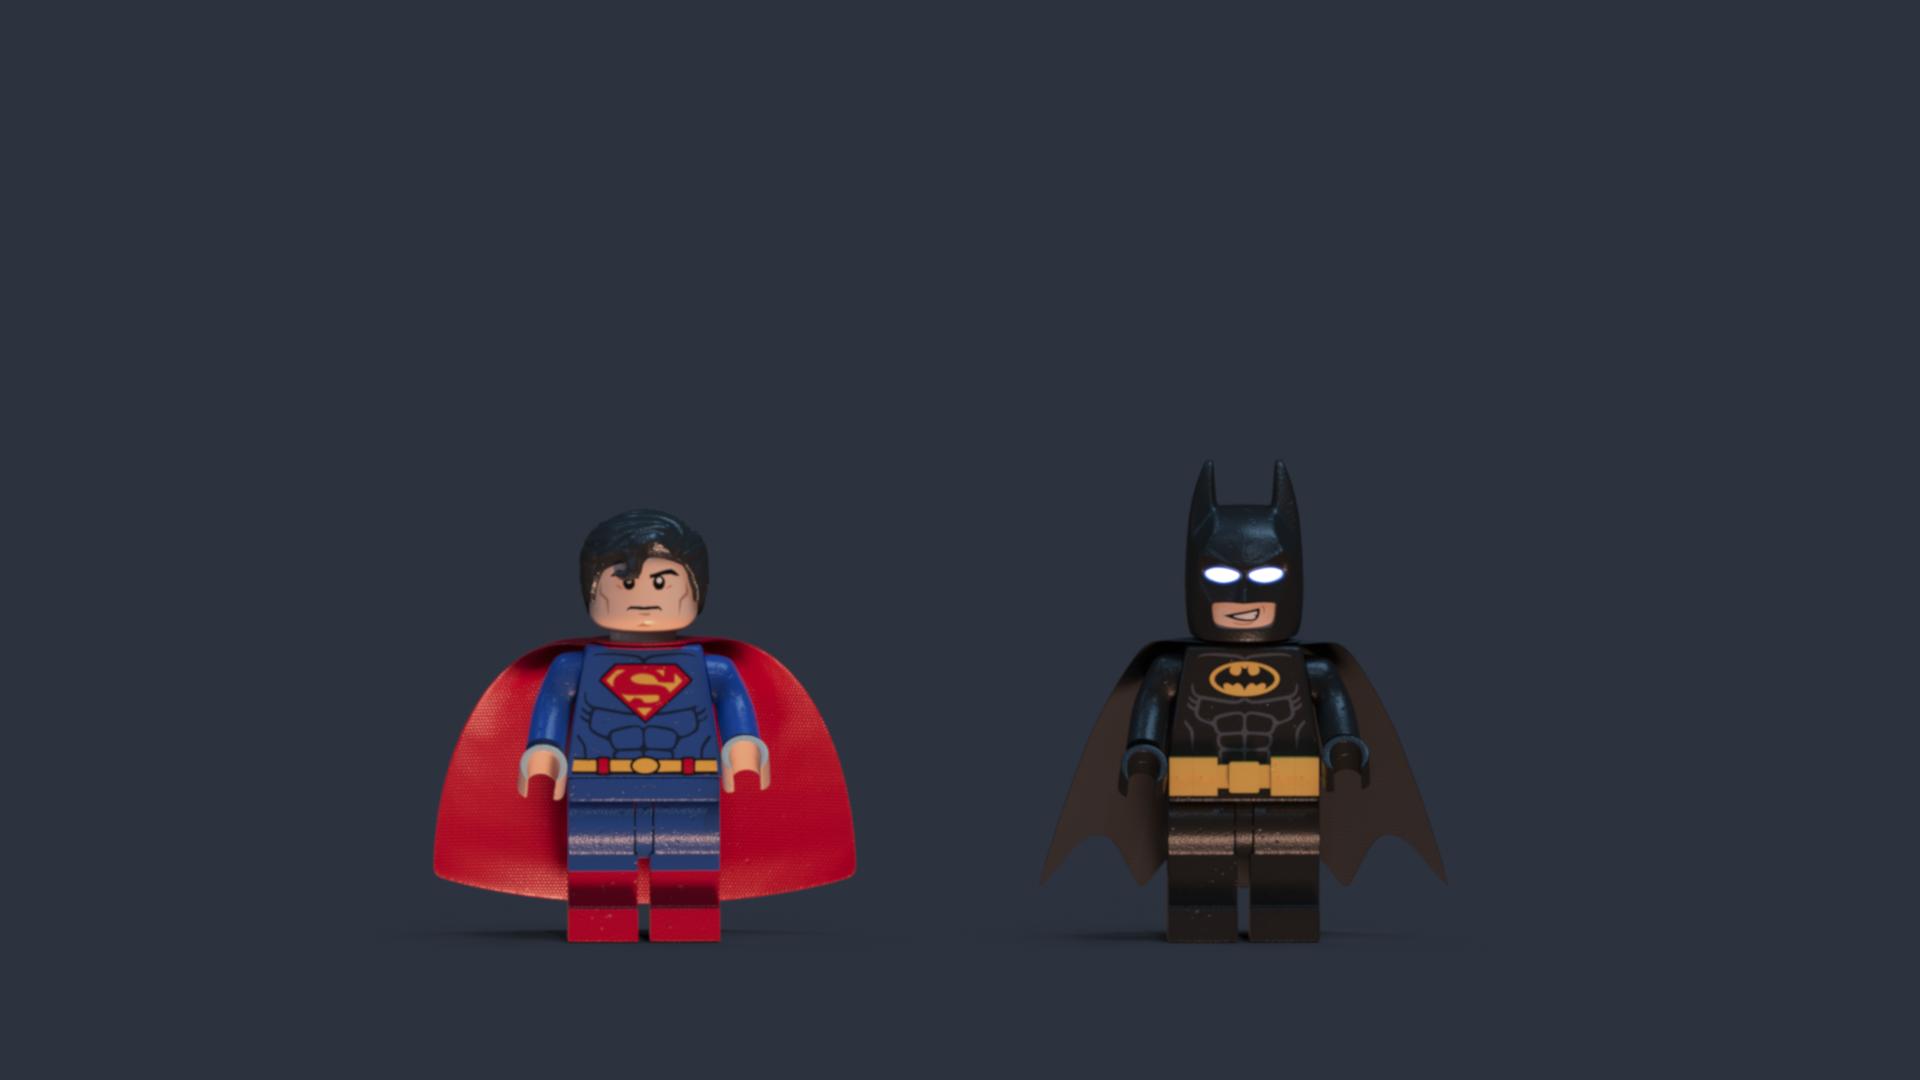 Look-dev de los personajes utilizados en la imagen anterior.